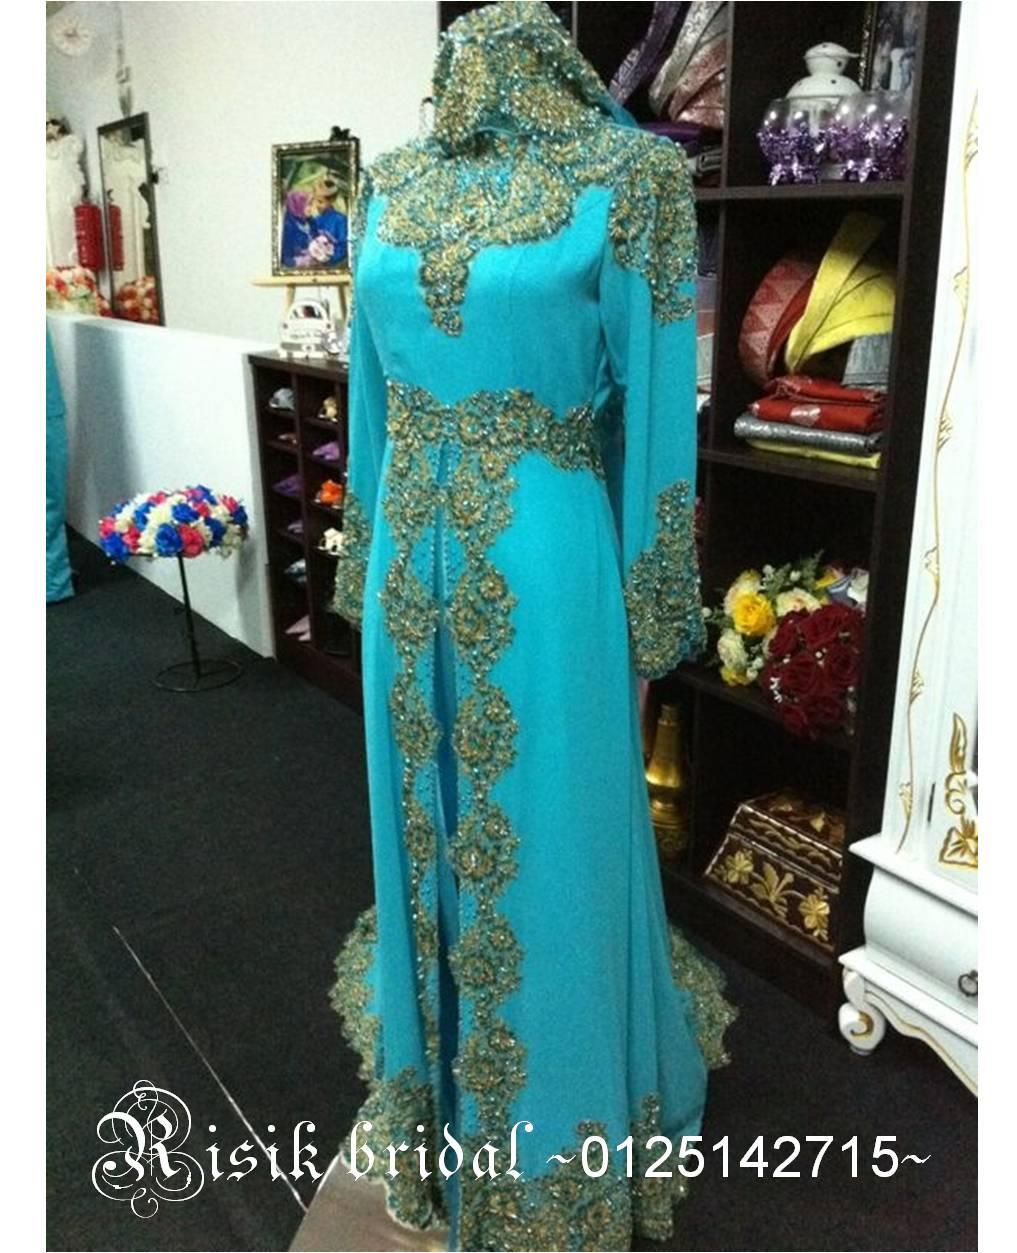 Busana Pengantin - Turquoise Blue dgn Gold details